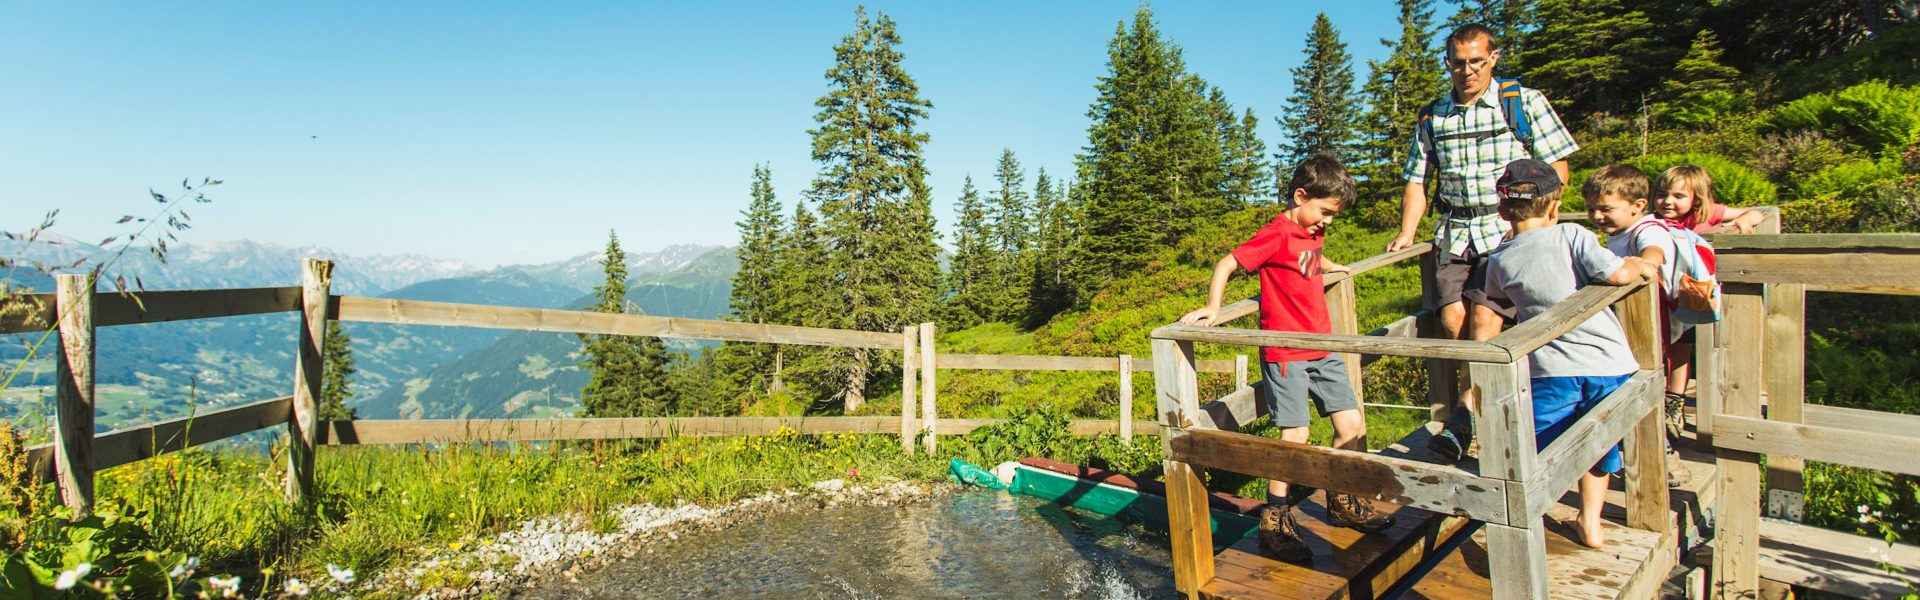 Familienwandern, Wandern mit Kindern, Golmis Forschungspfad (c) Illwerke Tourismus